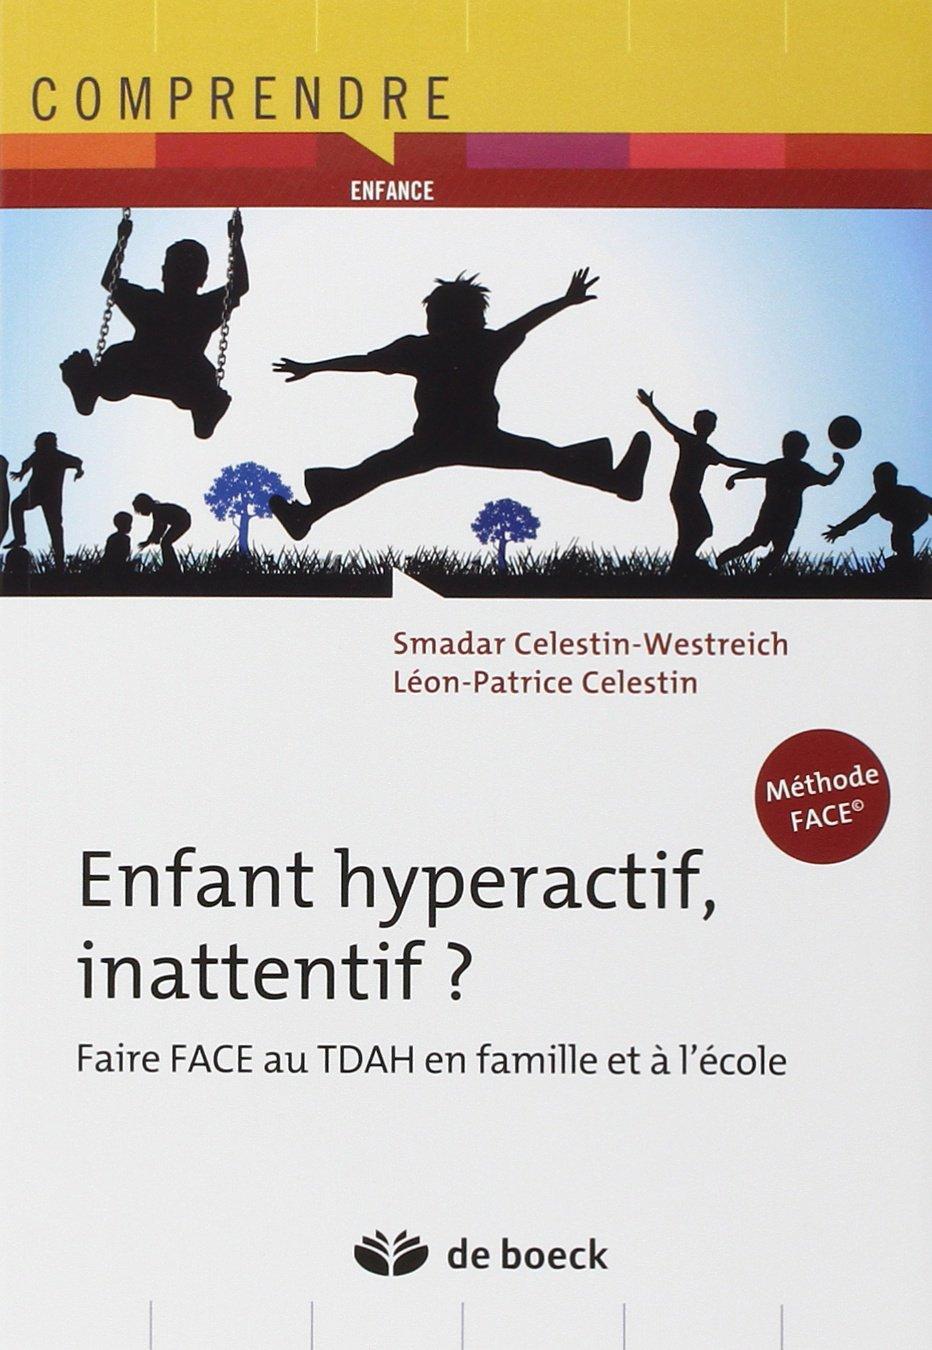 Enfant hyperactif, inattentif? Faire FACE au TDAH en famille et à l'école